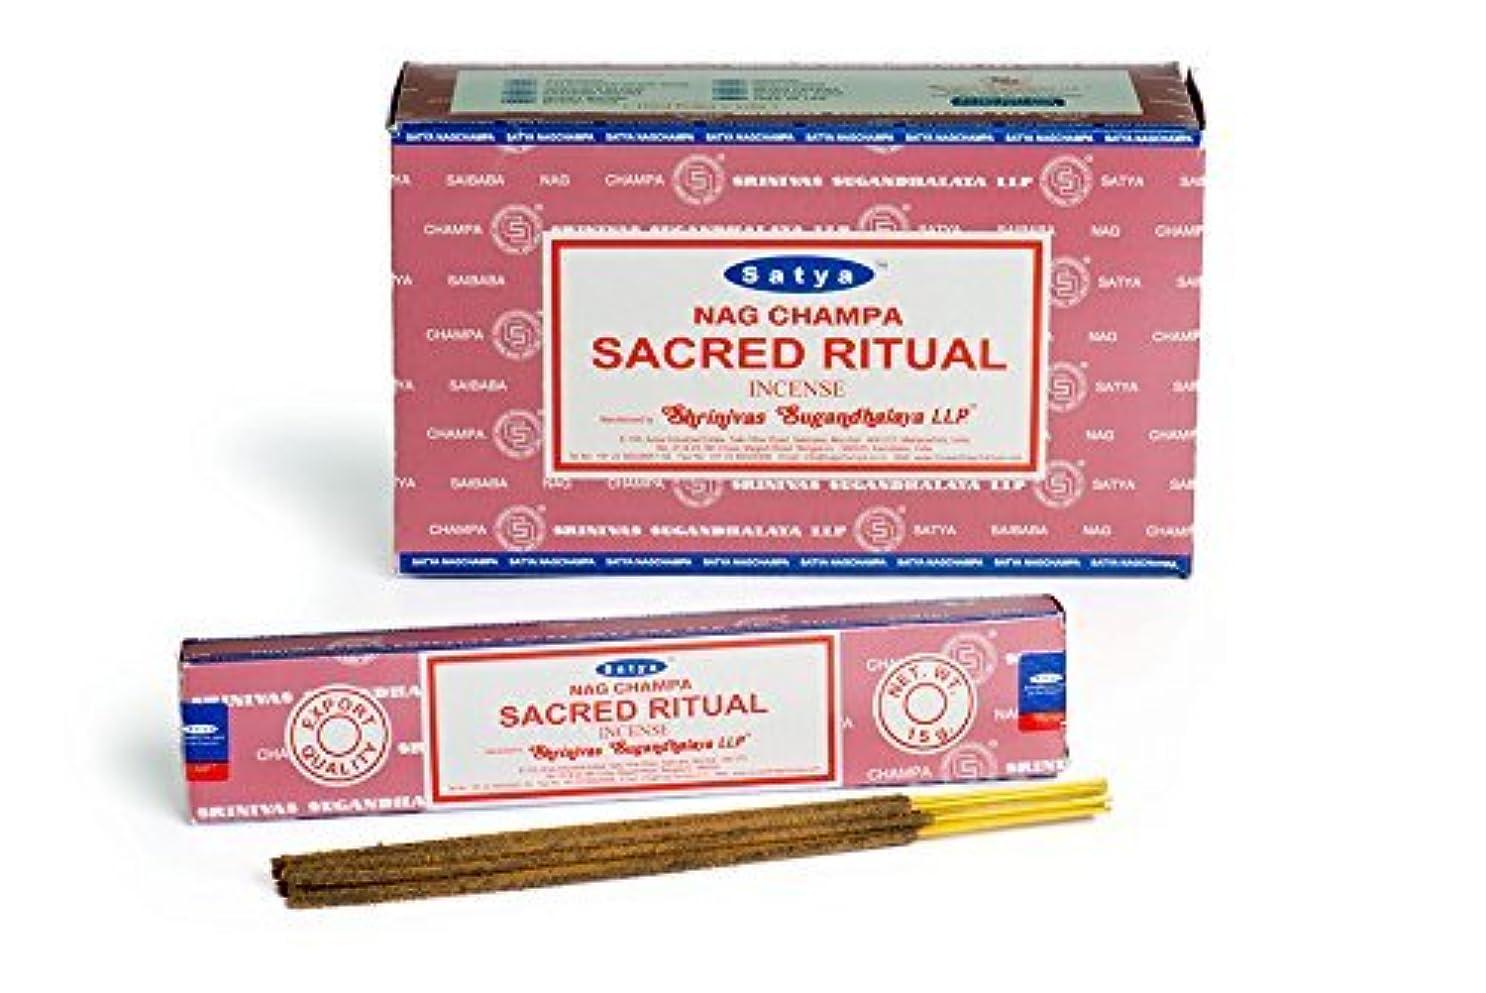 集団的スペクトラム暖かさbuycrafty Satya Champa Sacred Ritual Incense Stick、180グラムボックス( 15g X 12ボックス)